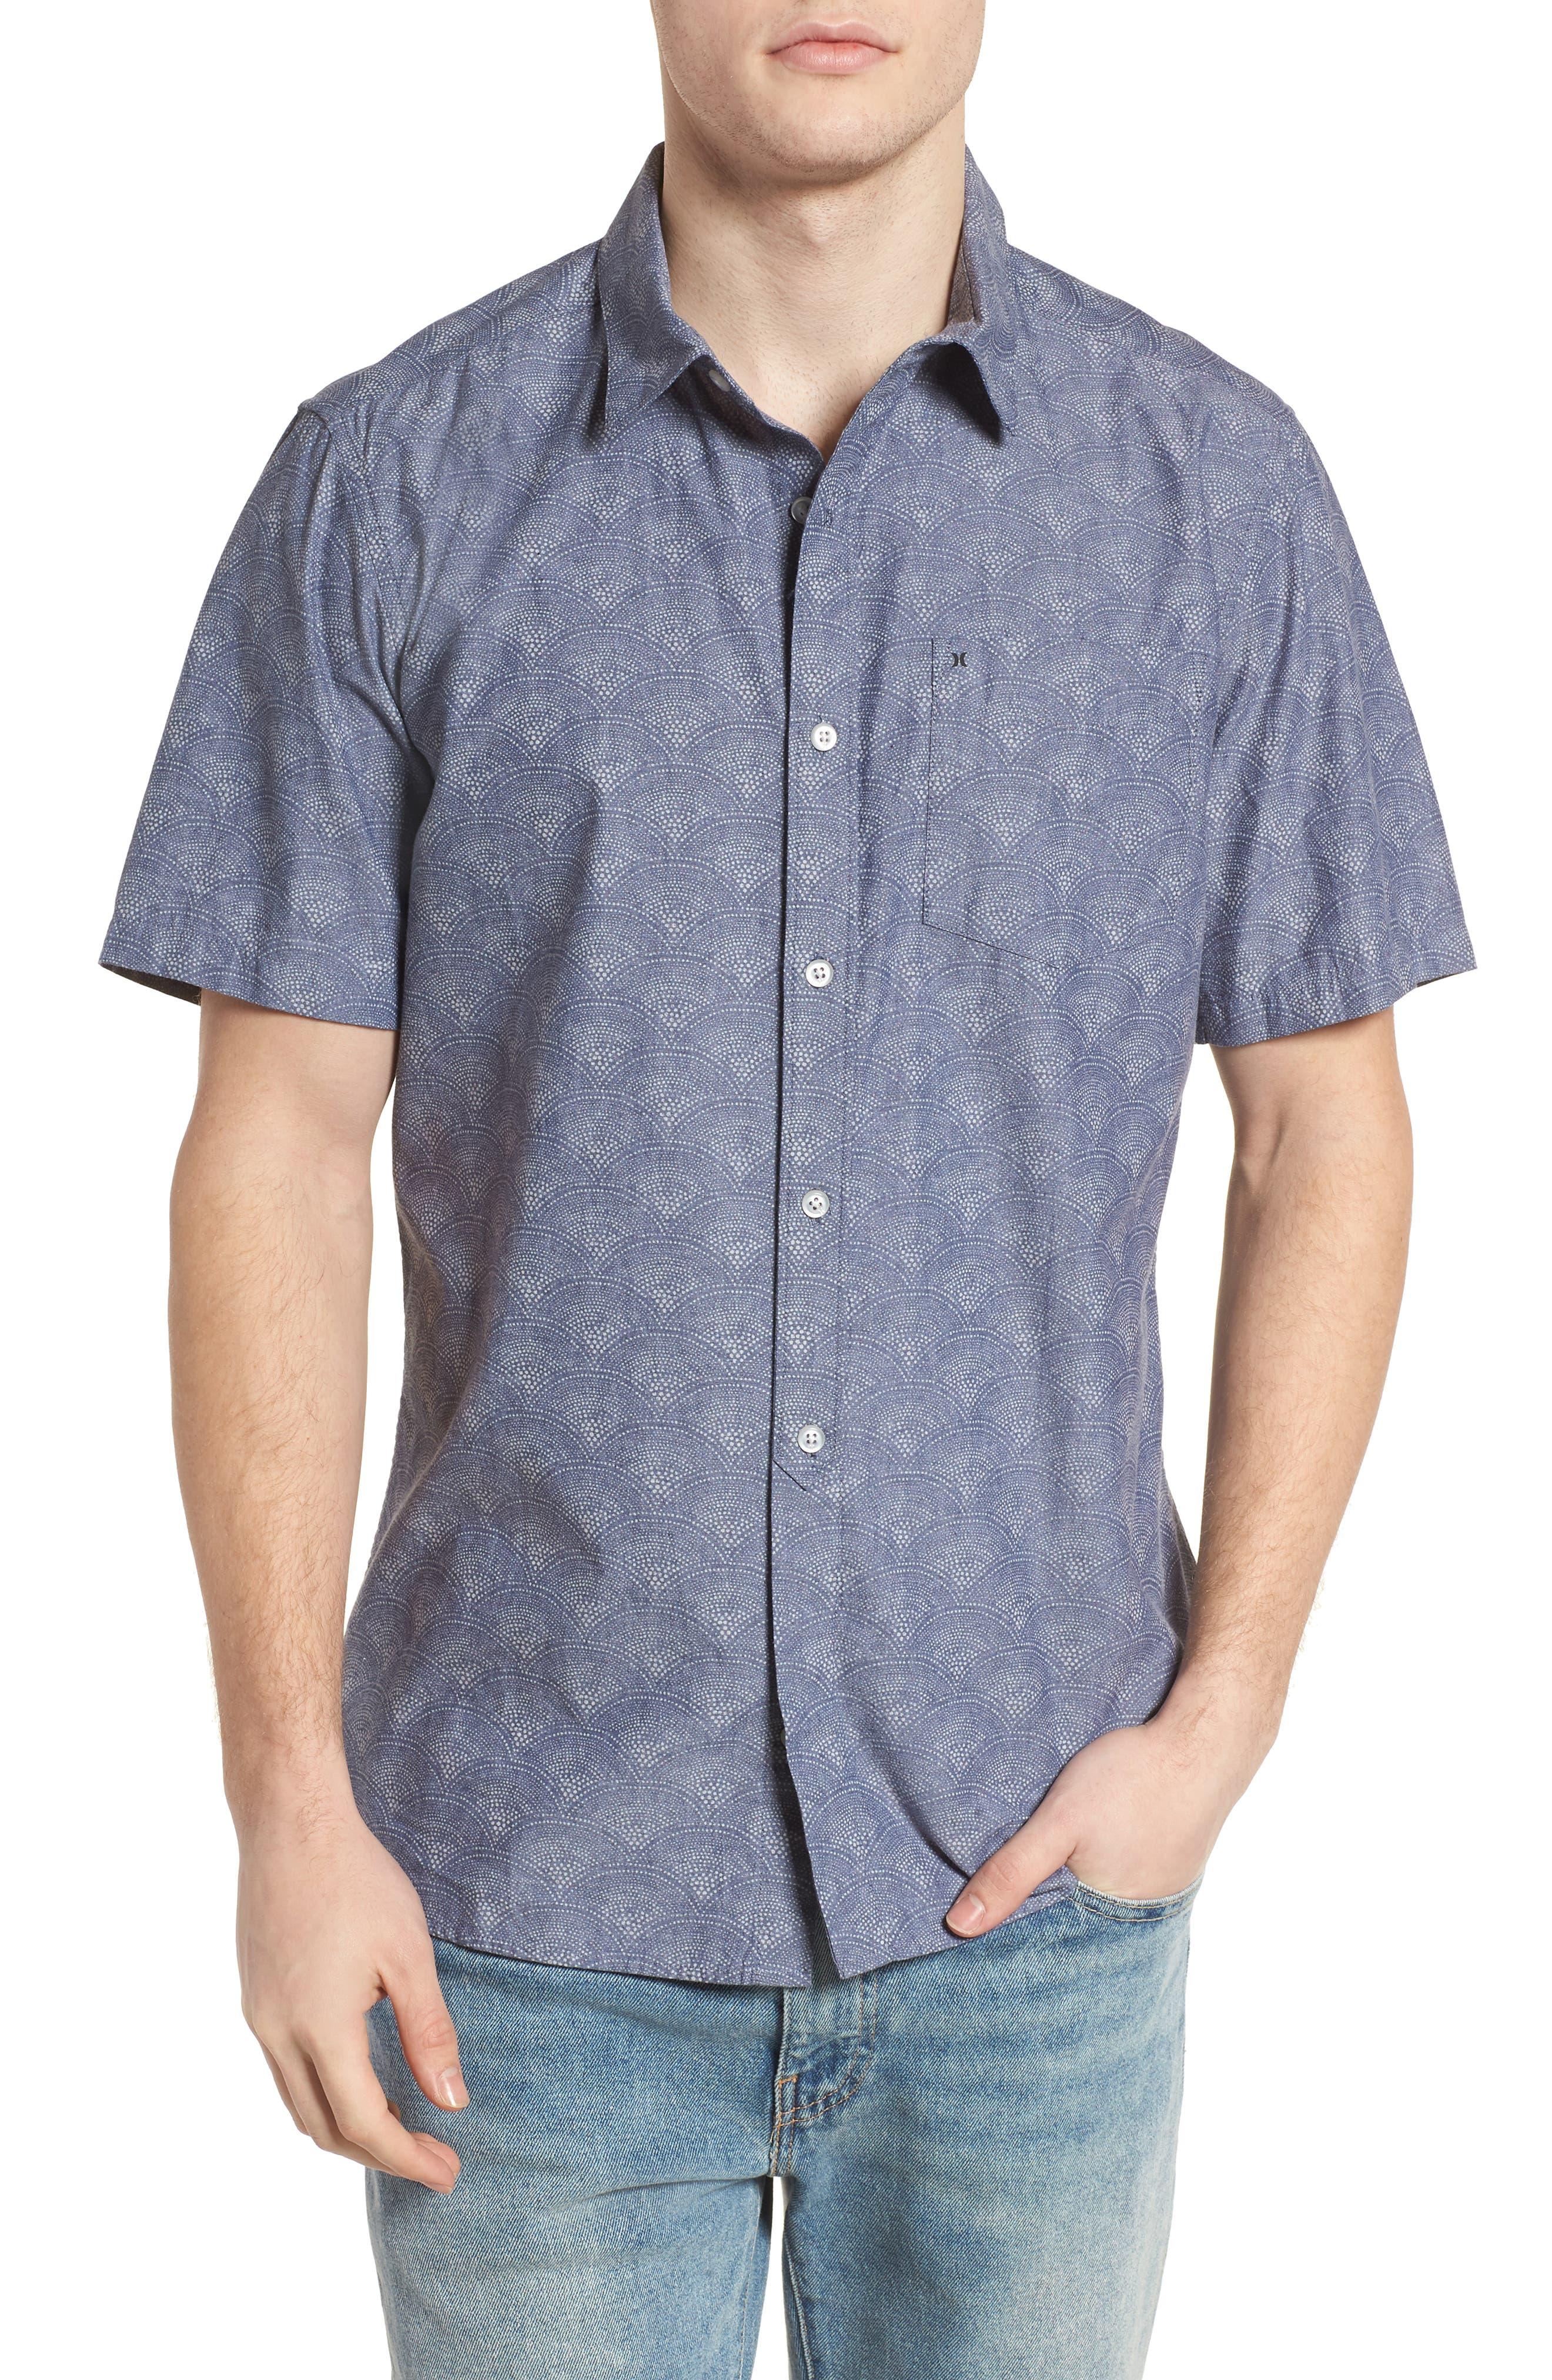 Pescado Short Sleeve Oxford Shirt,                         Main,                         color, Obsidian